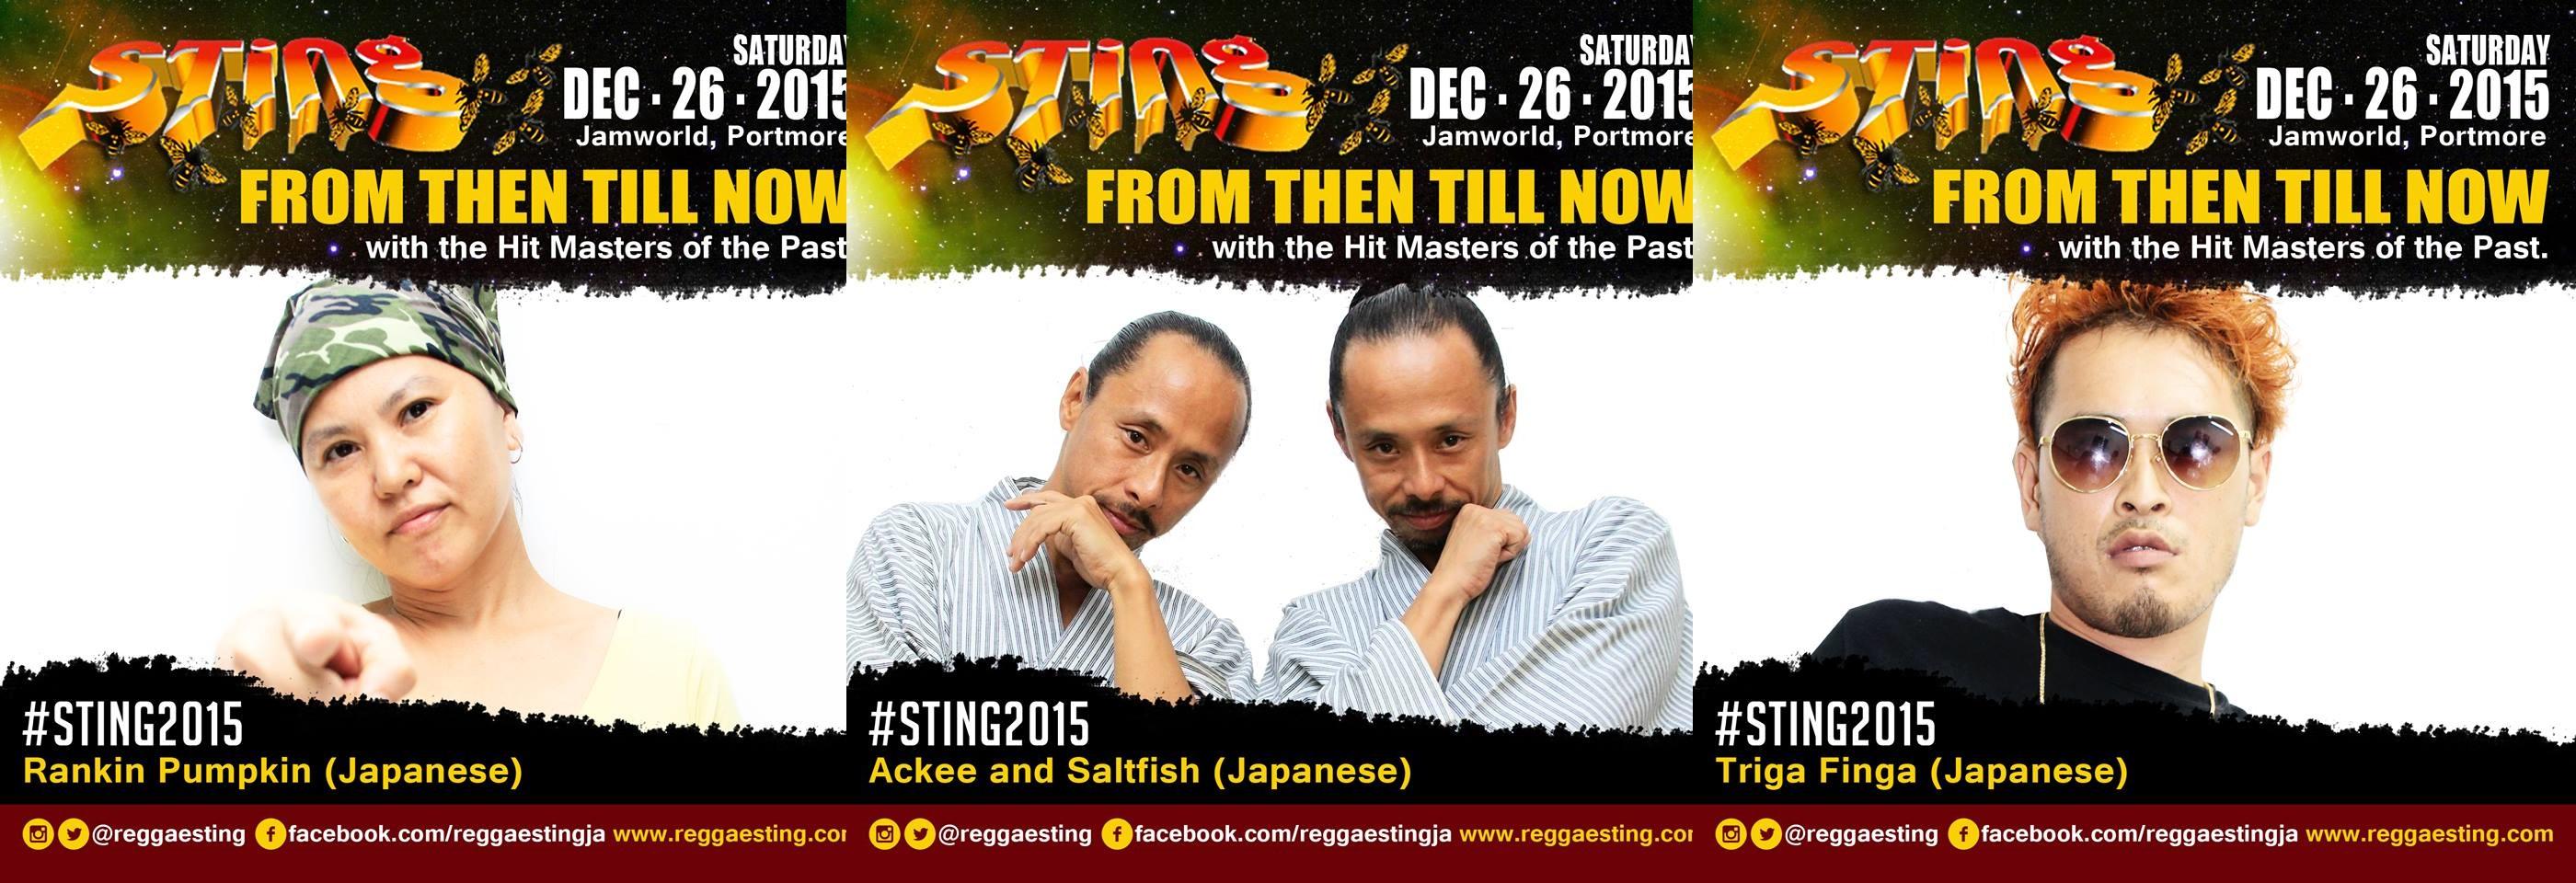 スティング2015 Reggae Sting Japanese ジャパニーズ